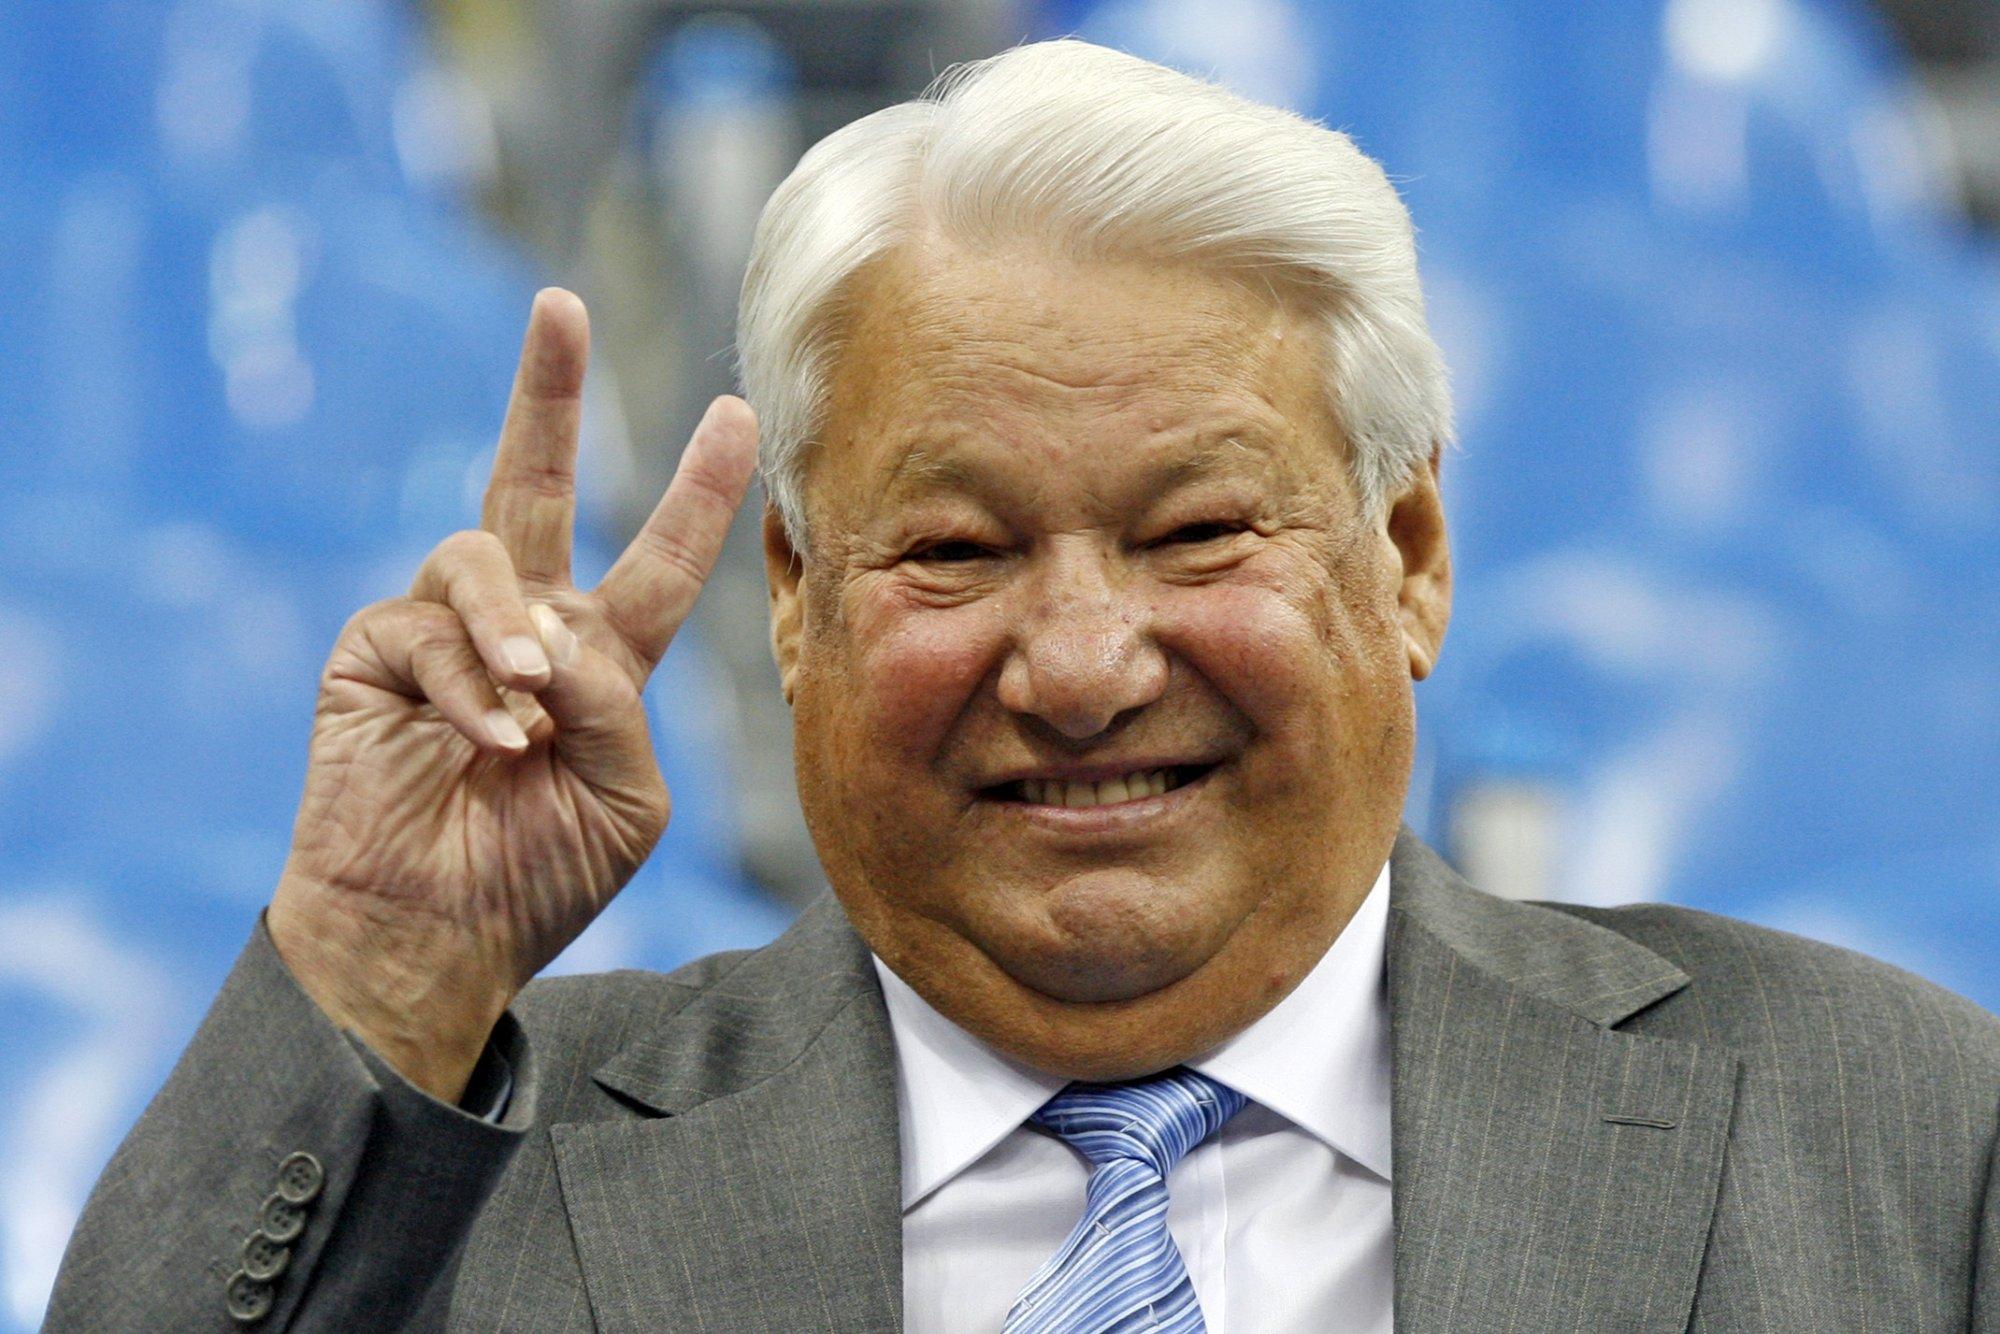 В Екатеринбурге хотят провести гей-парад в честь Б.Н. Ельцина